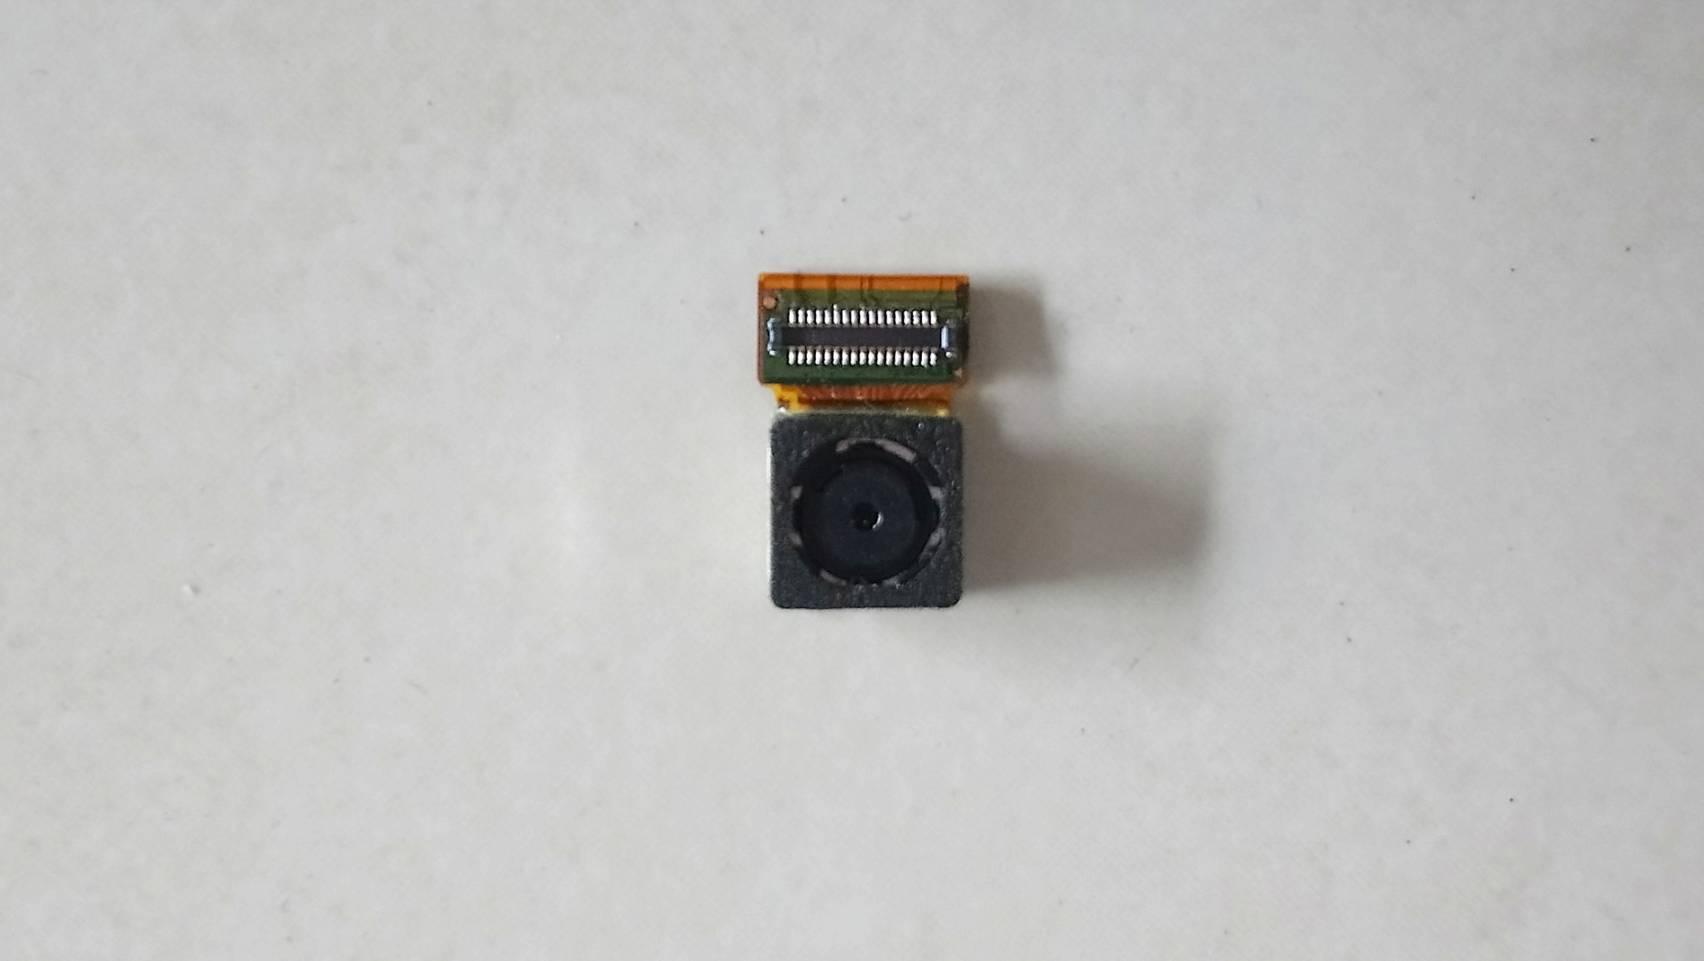 กล้องหลังแท้ SONY Xperia T3 D5103 มือสอง